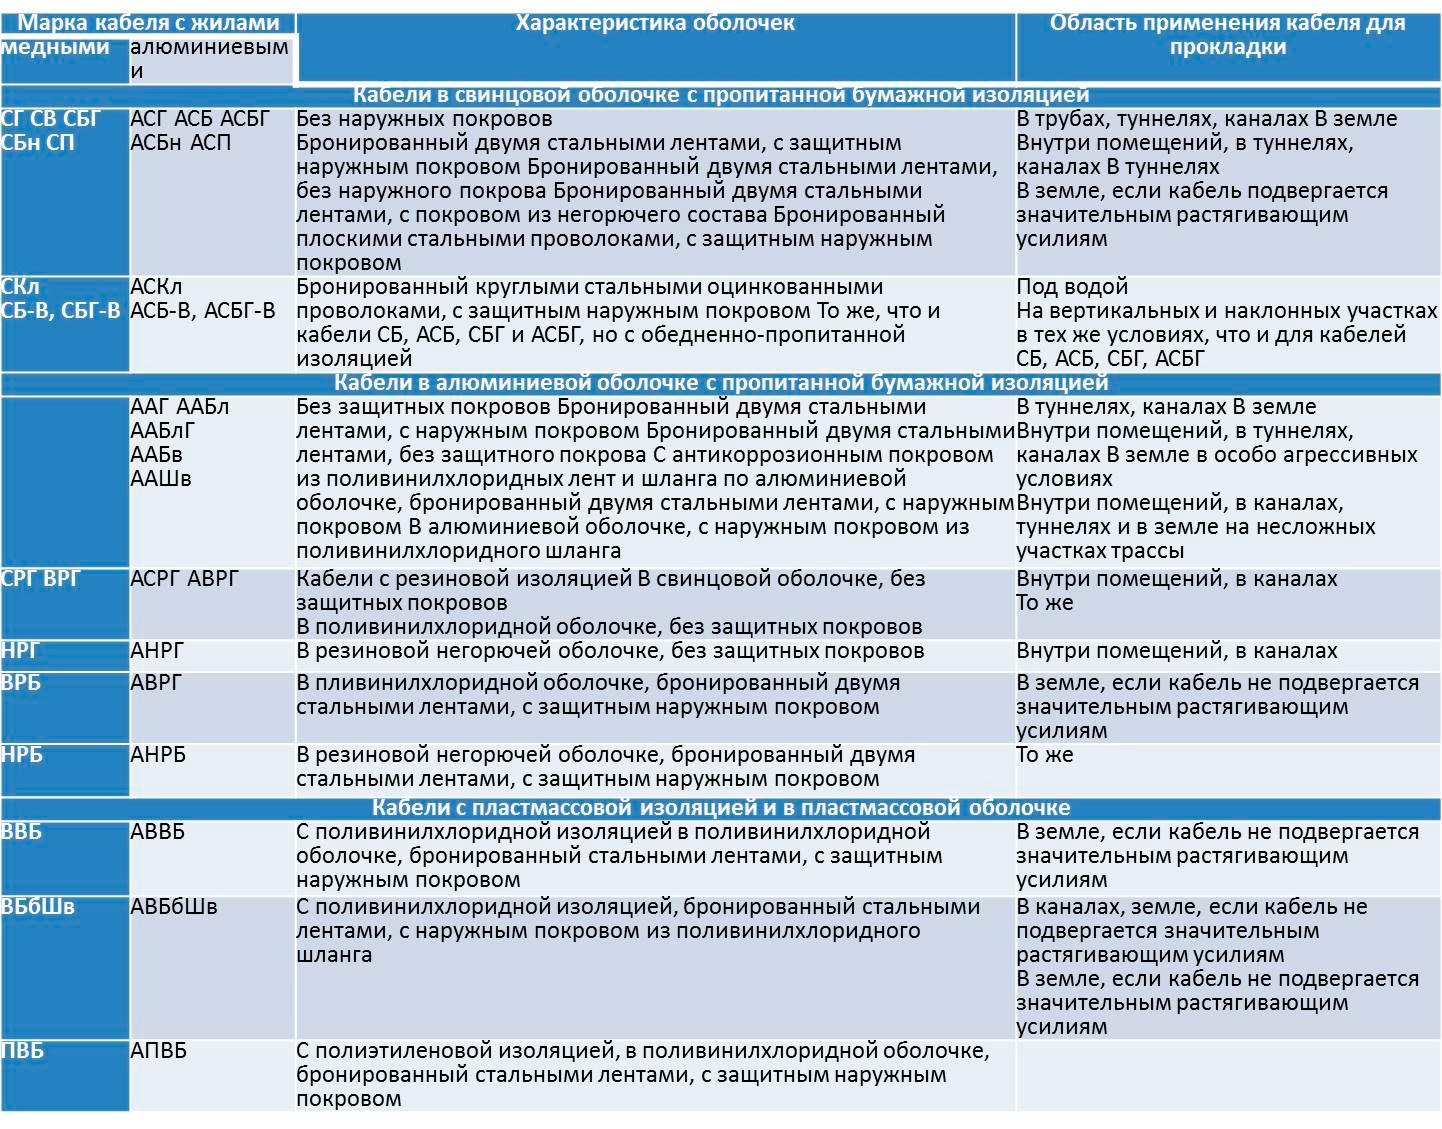 Особенности конструирования и специального применения высоковольтных проводов